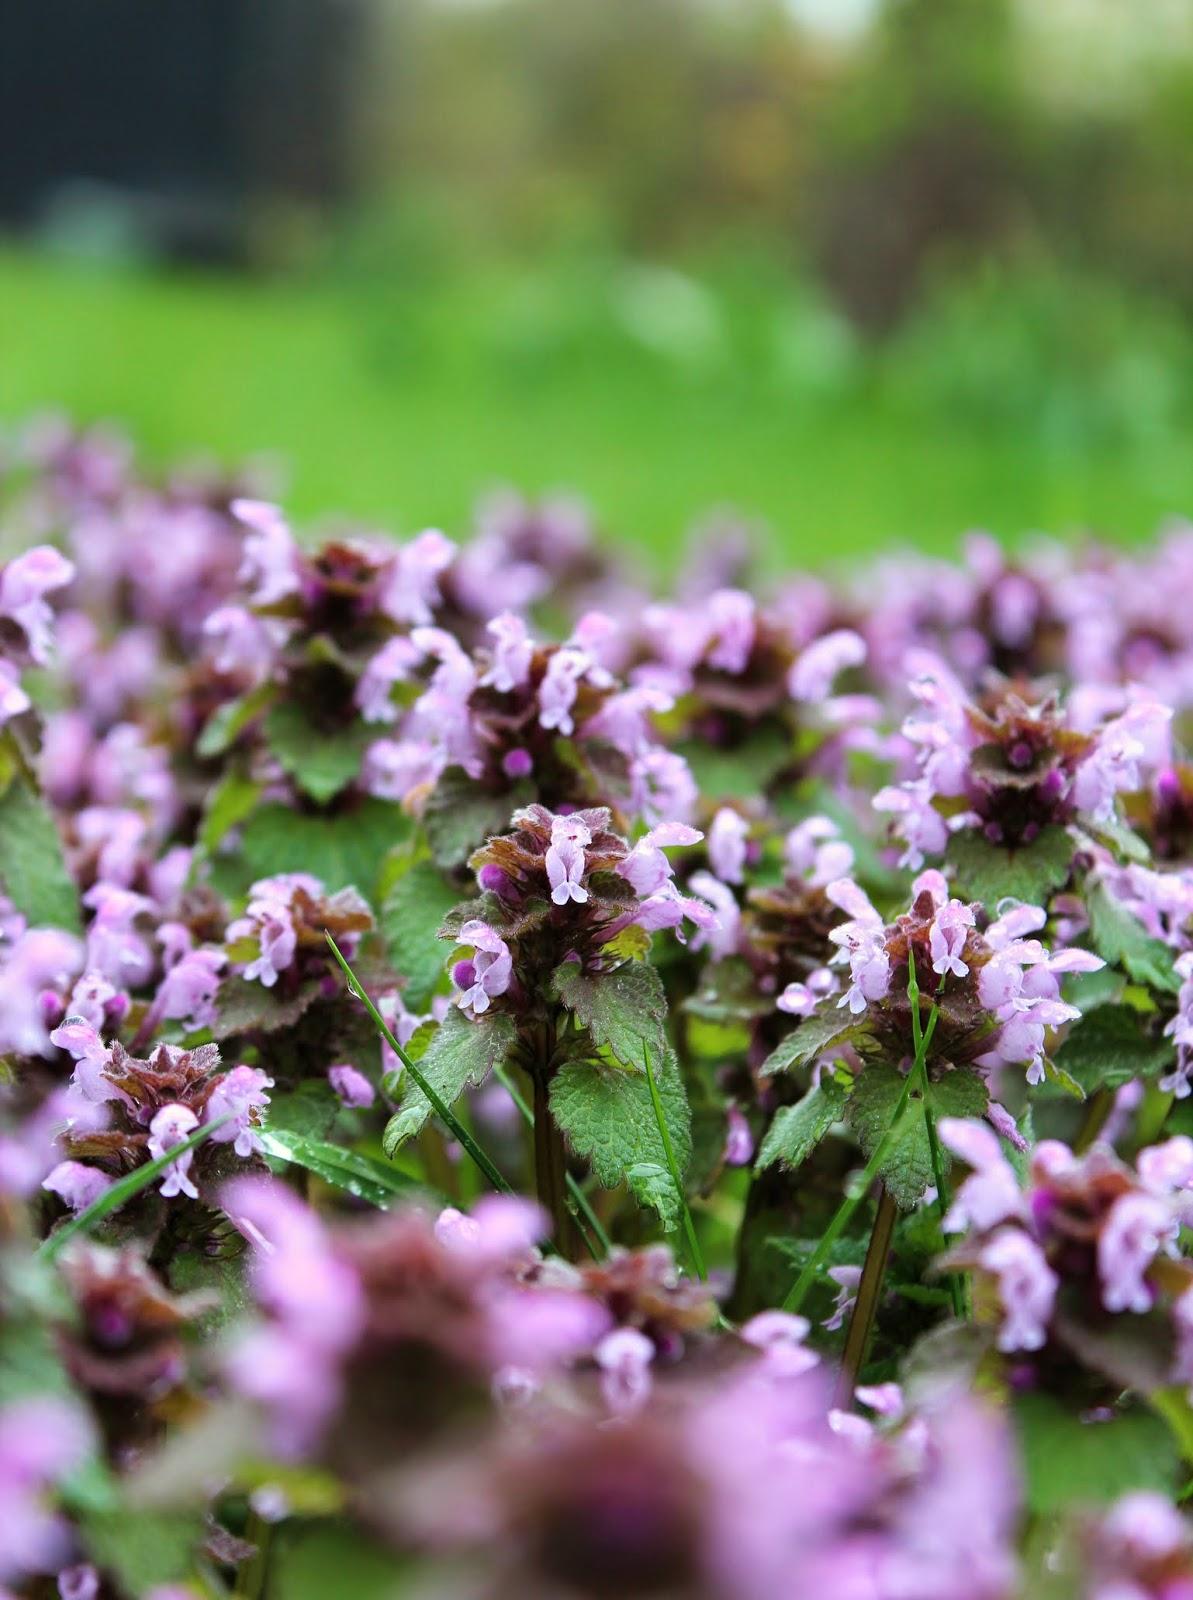 vilde blomster i græsplænen